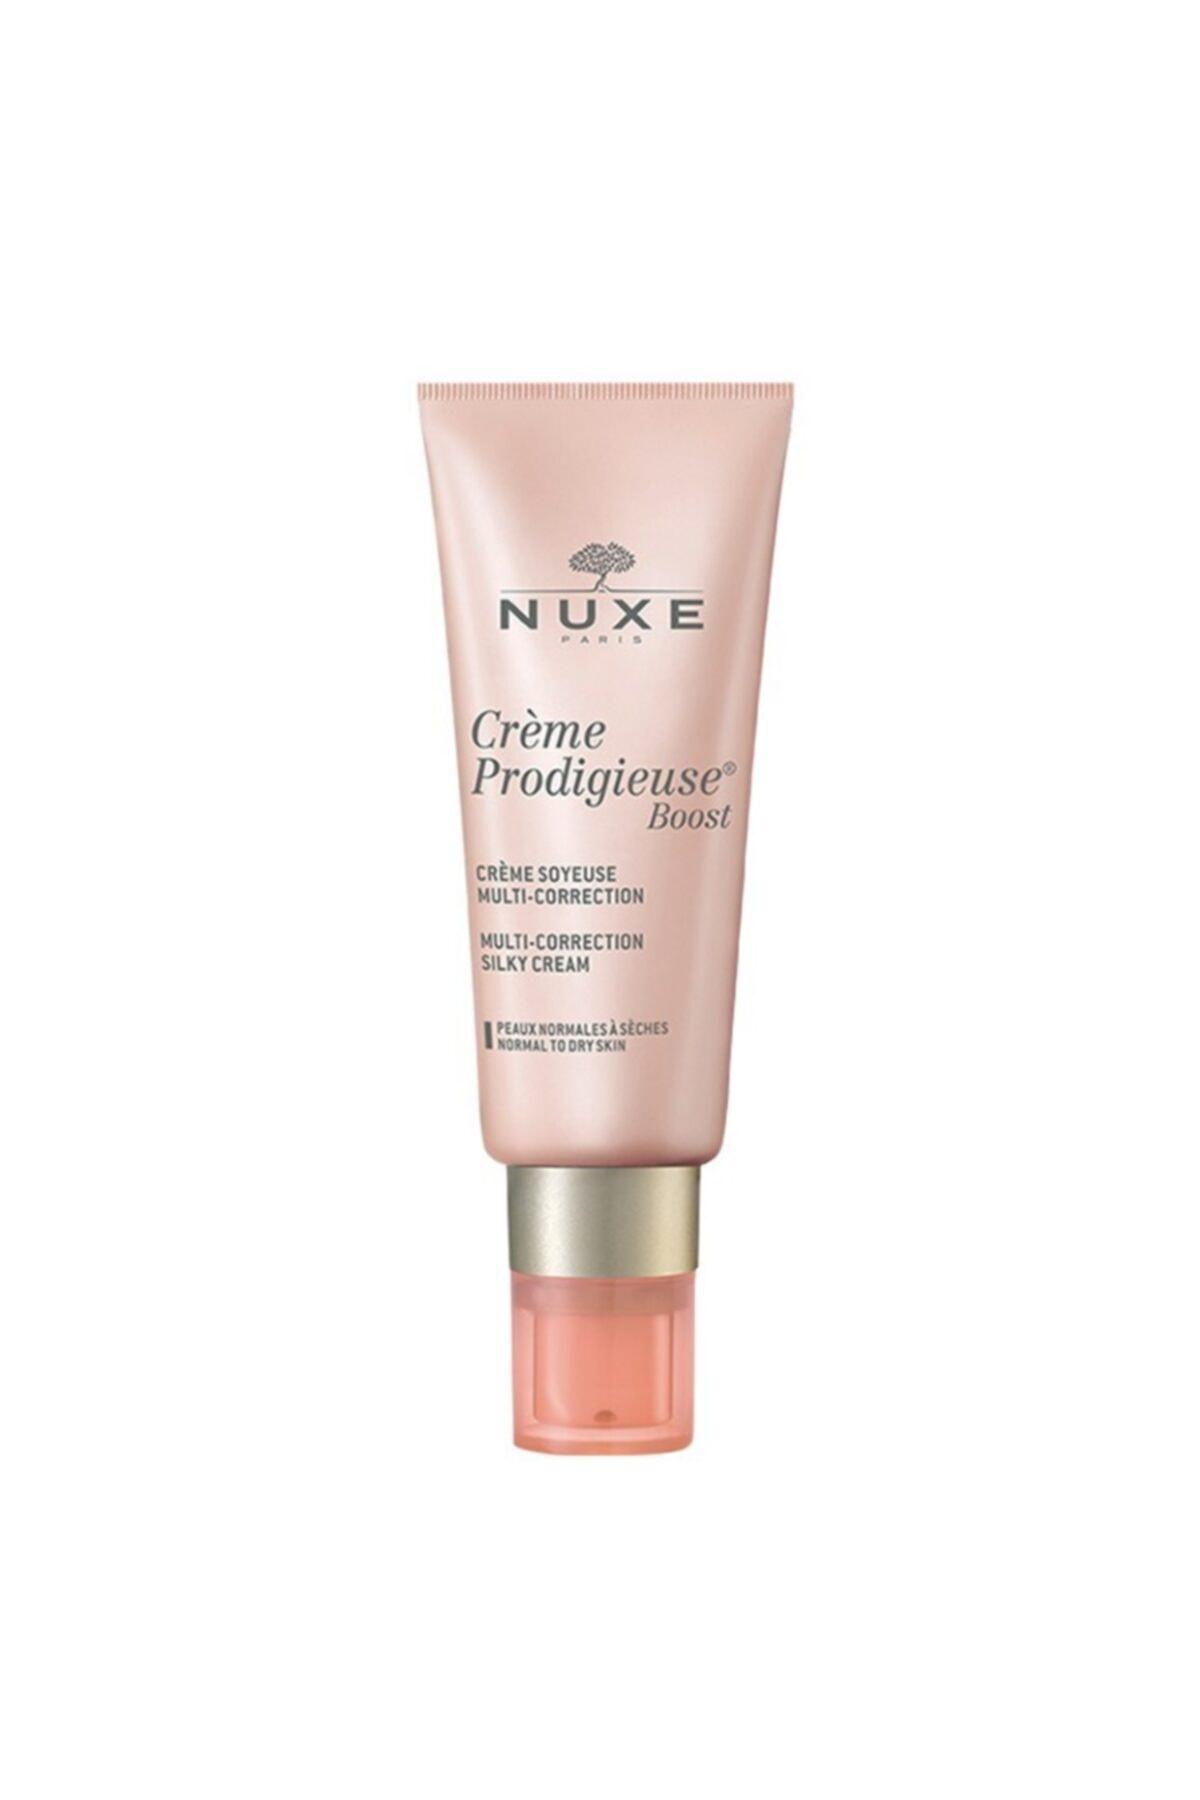 Nuxe Cream Prodigieuse Boost Cream Soyeuse 40 ml 1